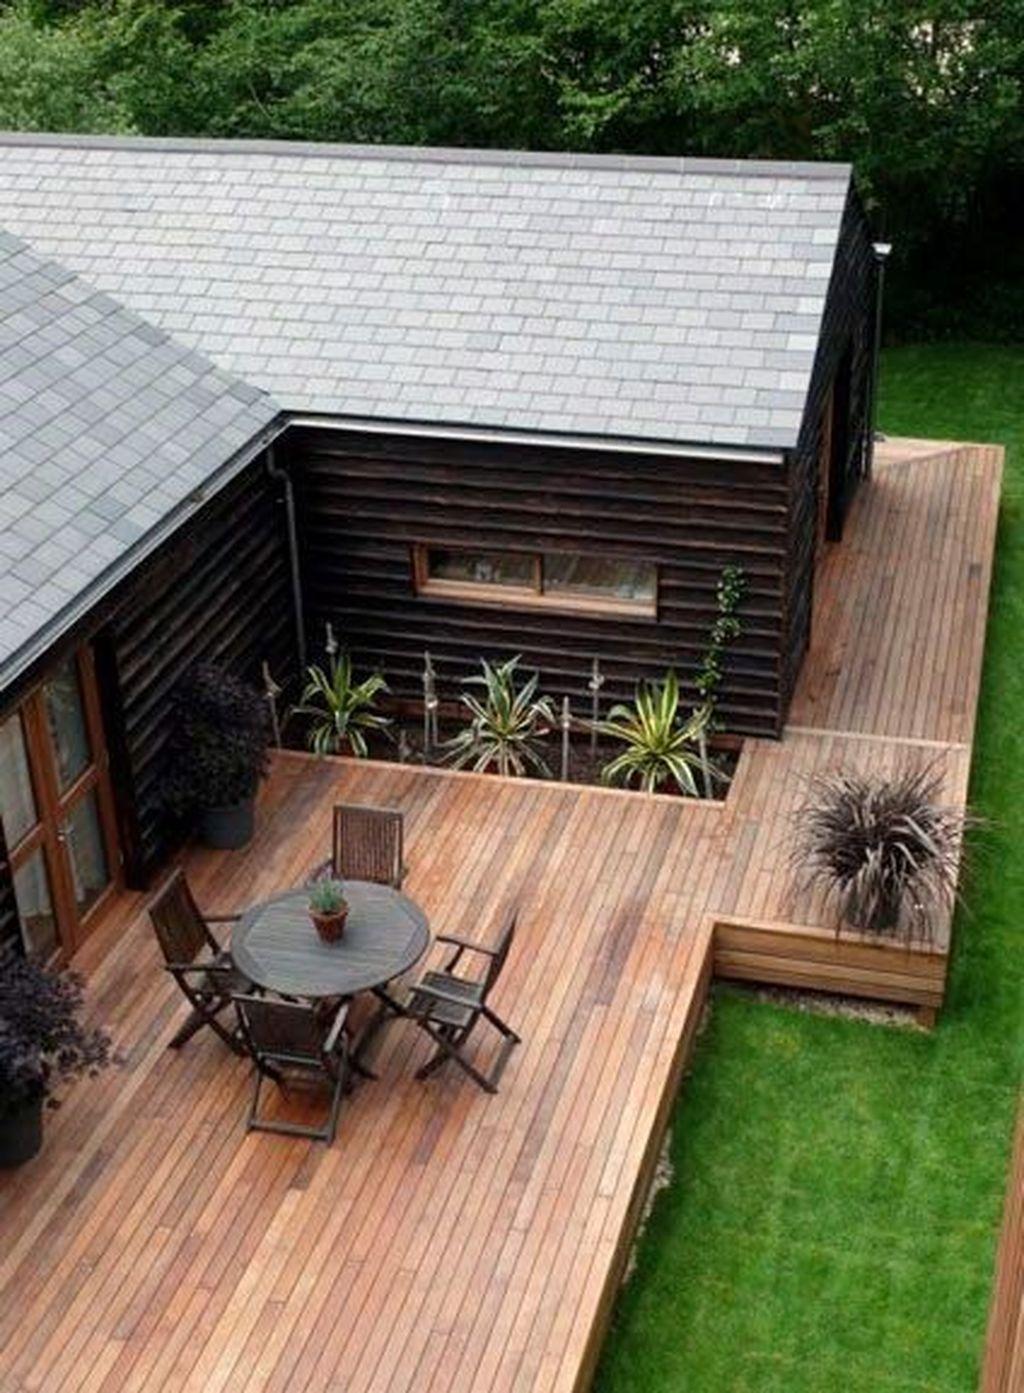 Inspiring Wooden Deck Patio Design Ideas For Your Outdoor Decor 14